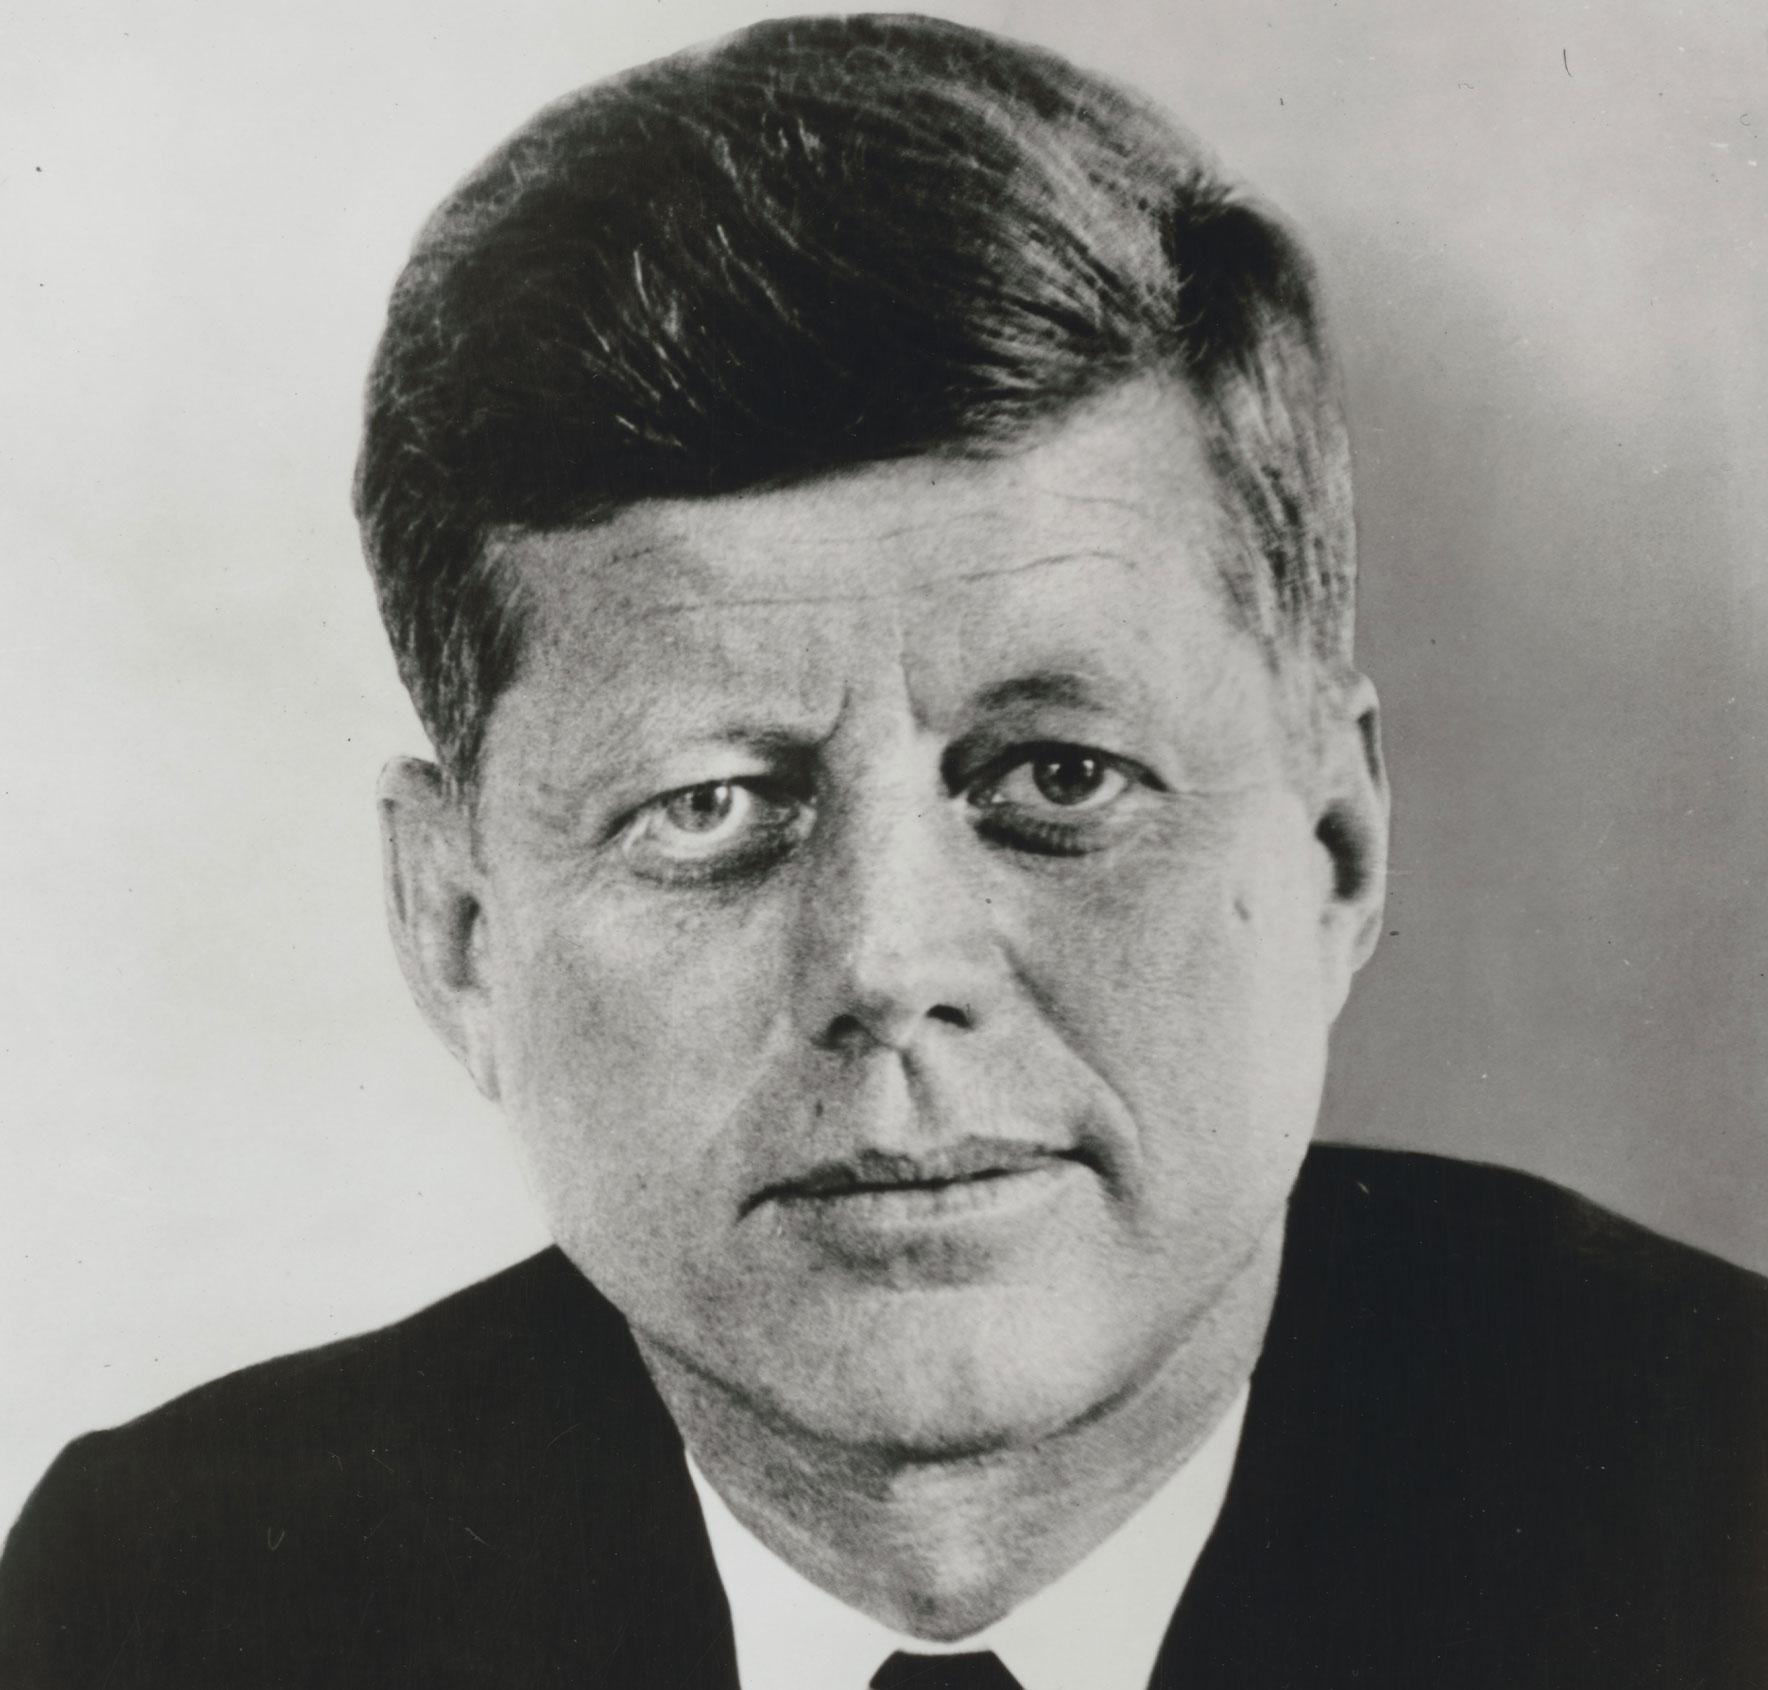 Porträt John F. Kennedy